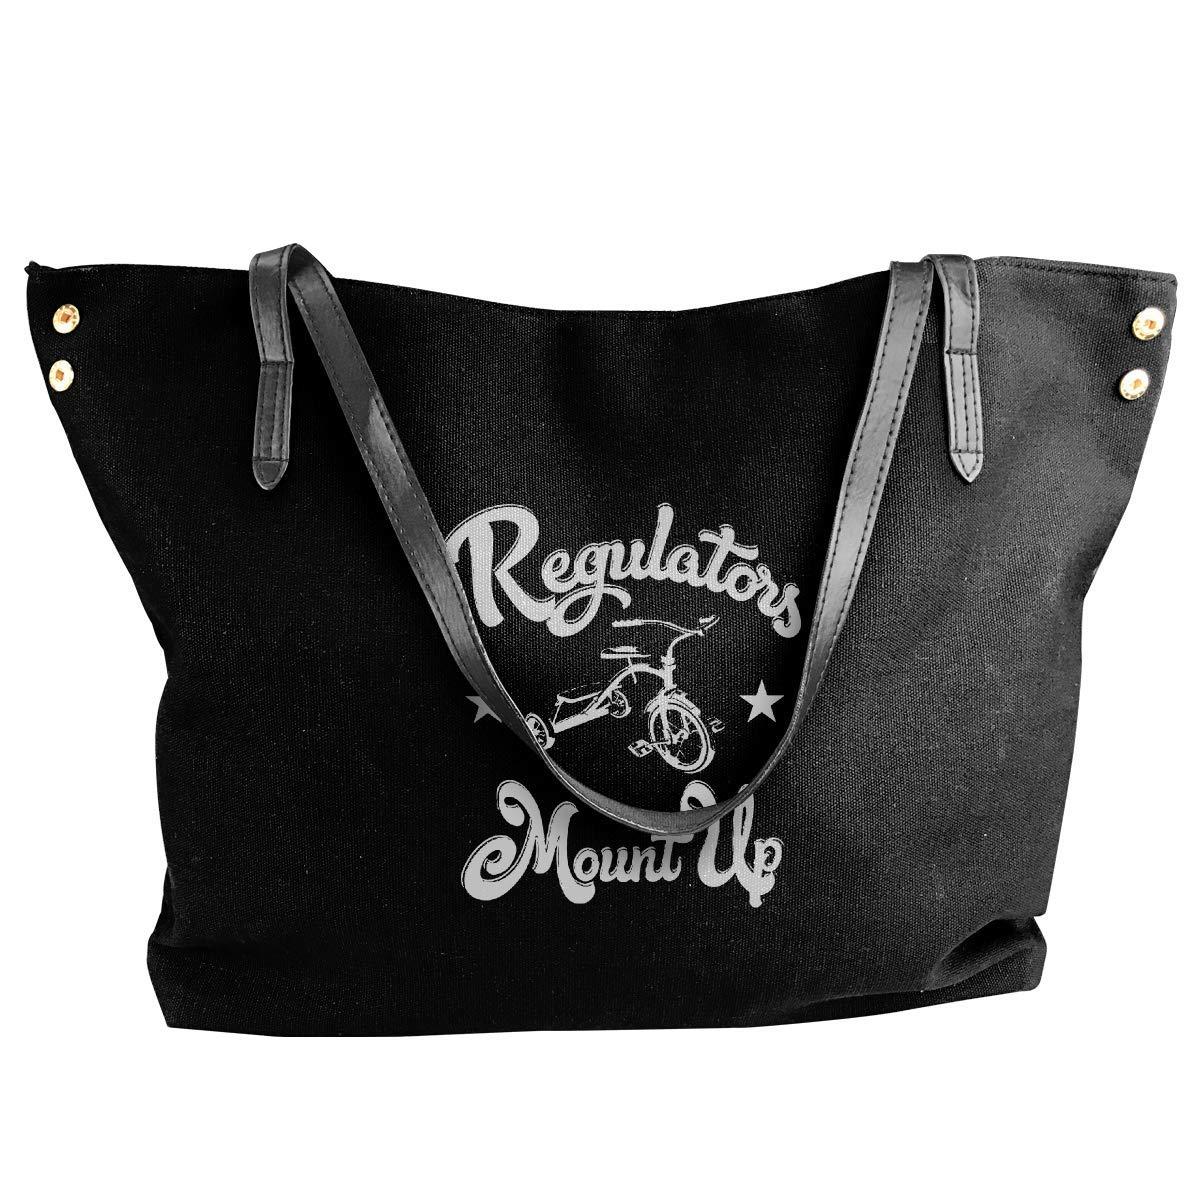 Casual Canvas Shoulder Bag Regulators Mount Up Messenger Bags Crossbody Bag